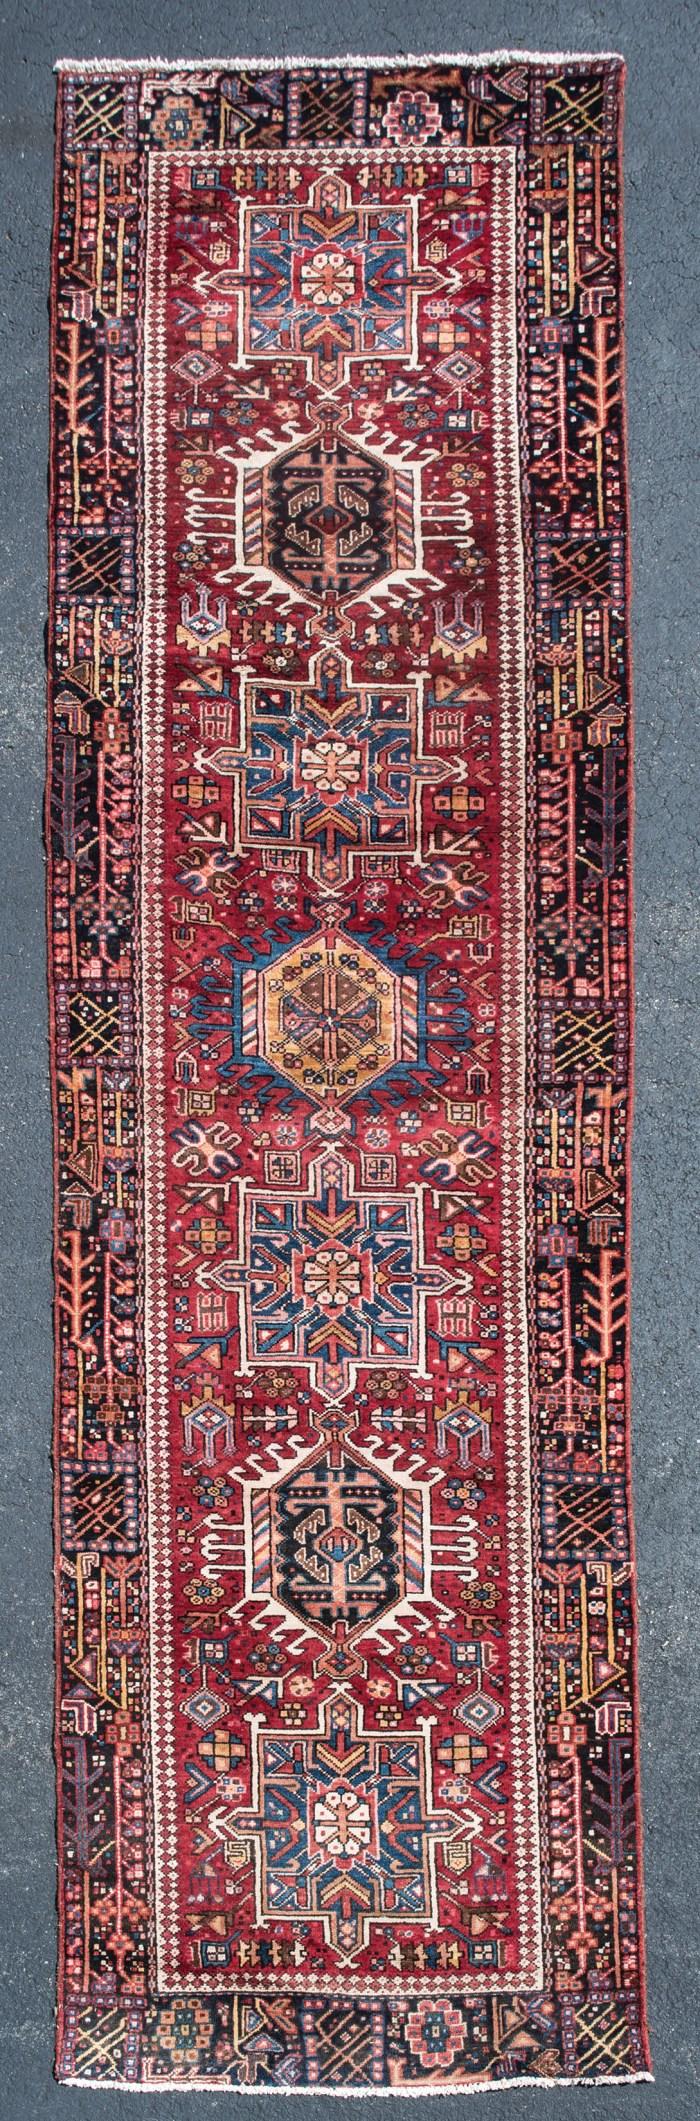 oriental, rug, persian, karajah, runner